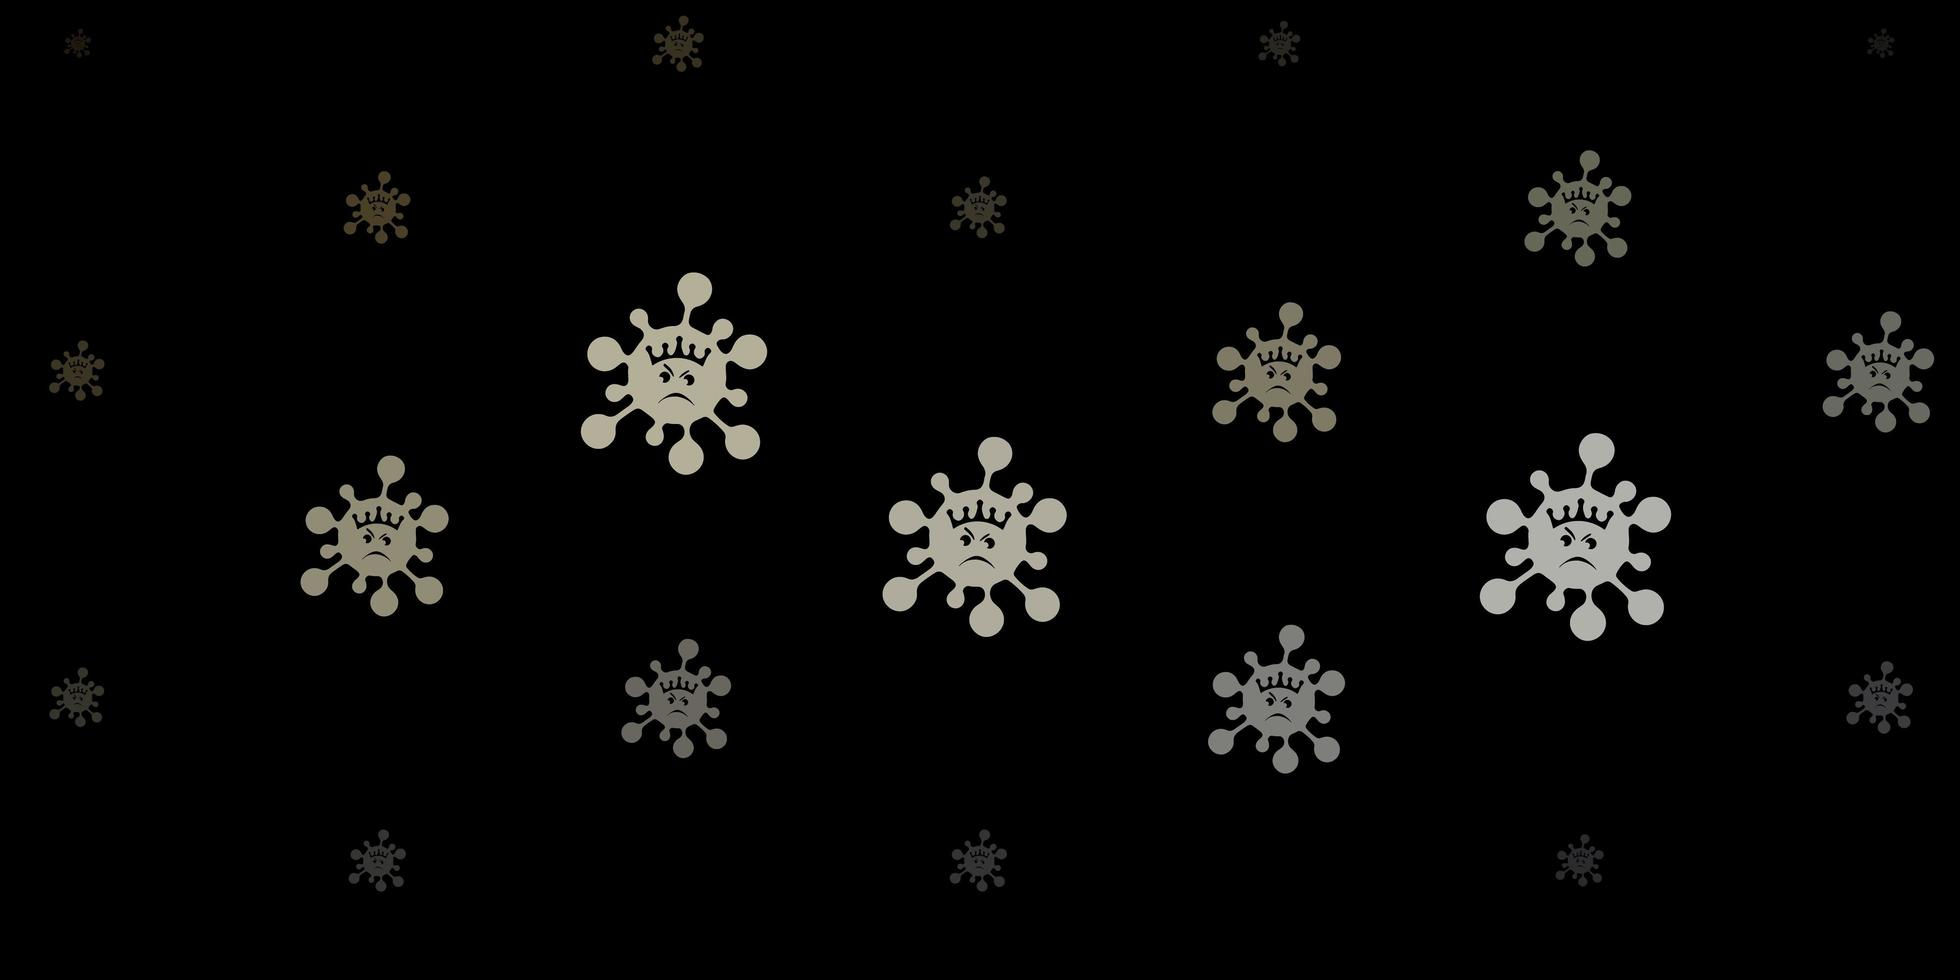 padrão vetorial cinza escuro com elementos de coronavírus vetor